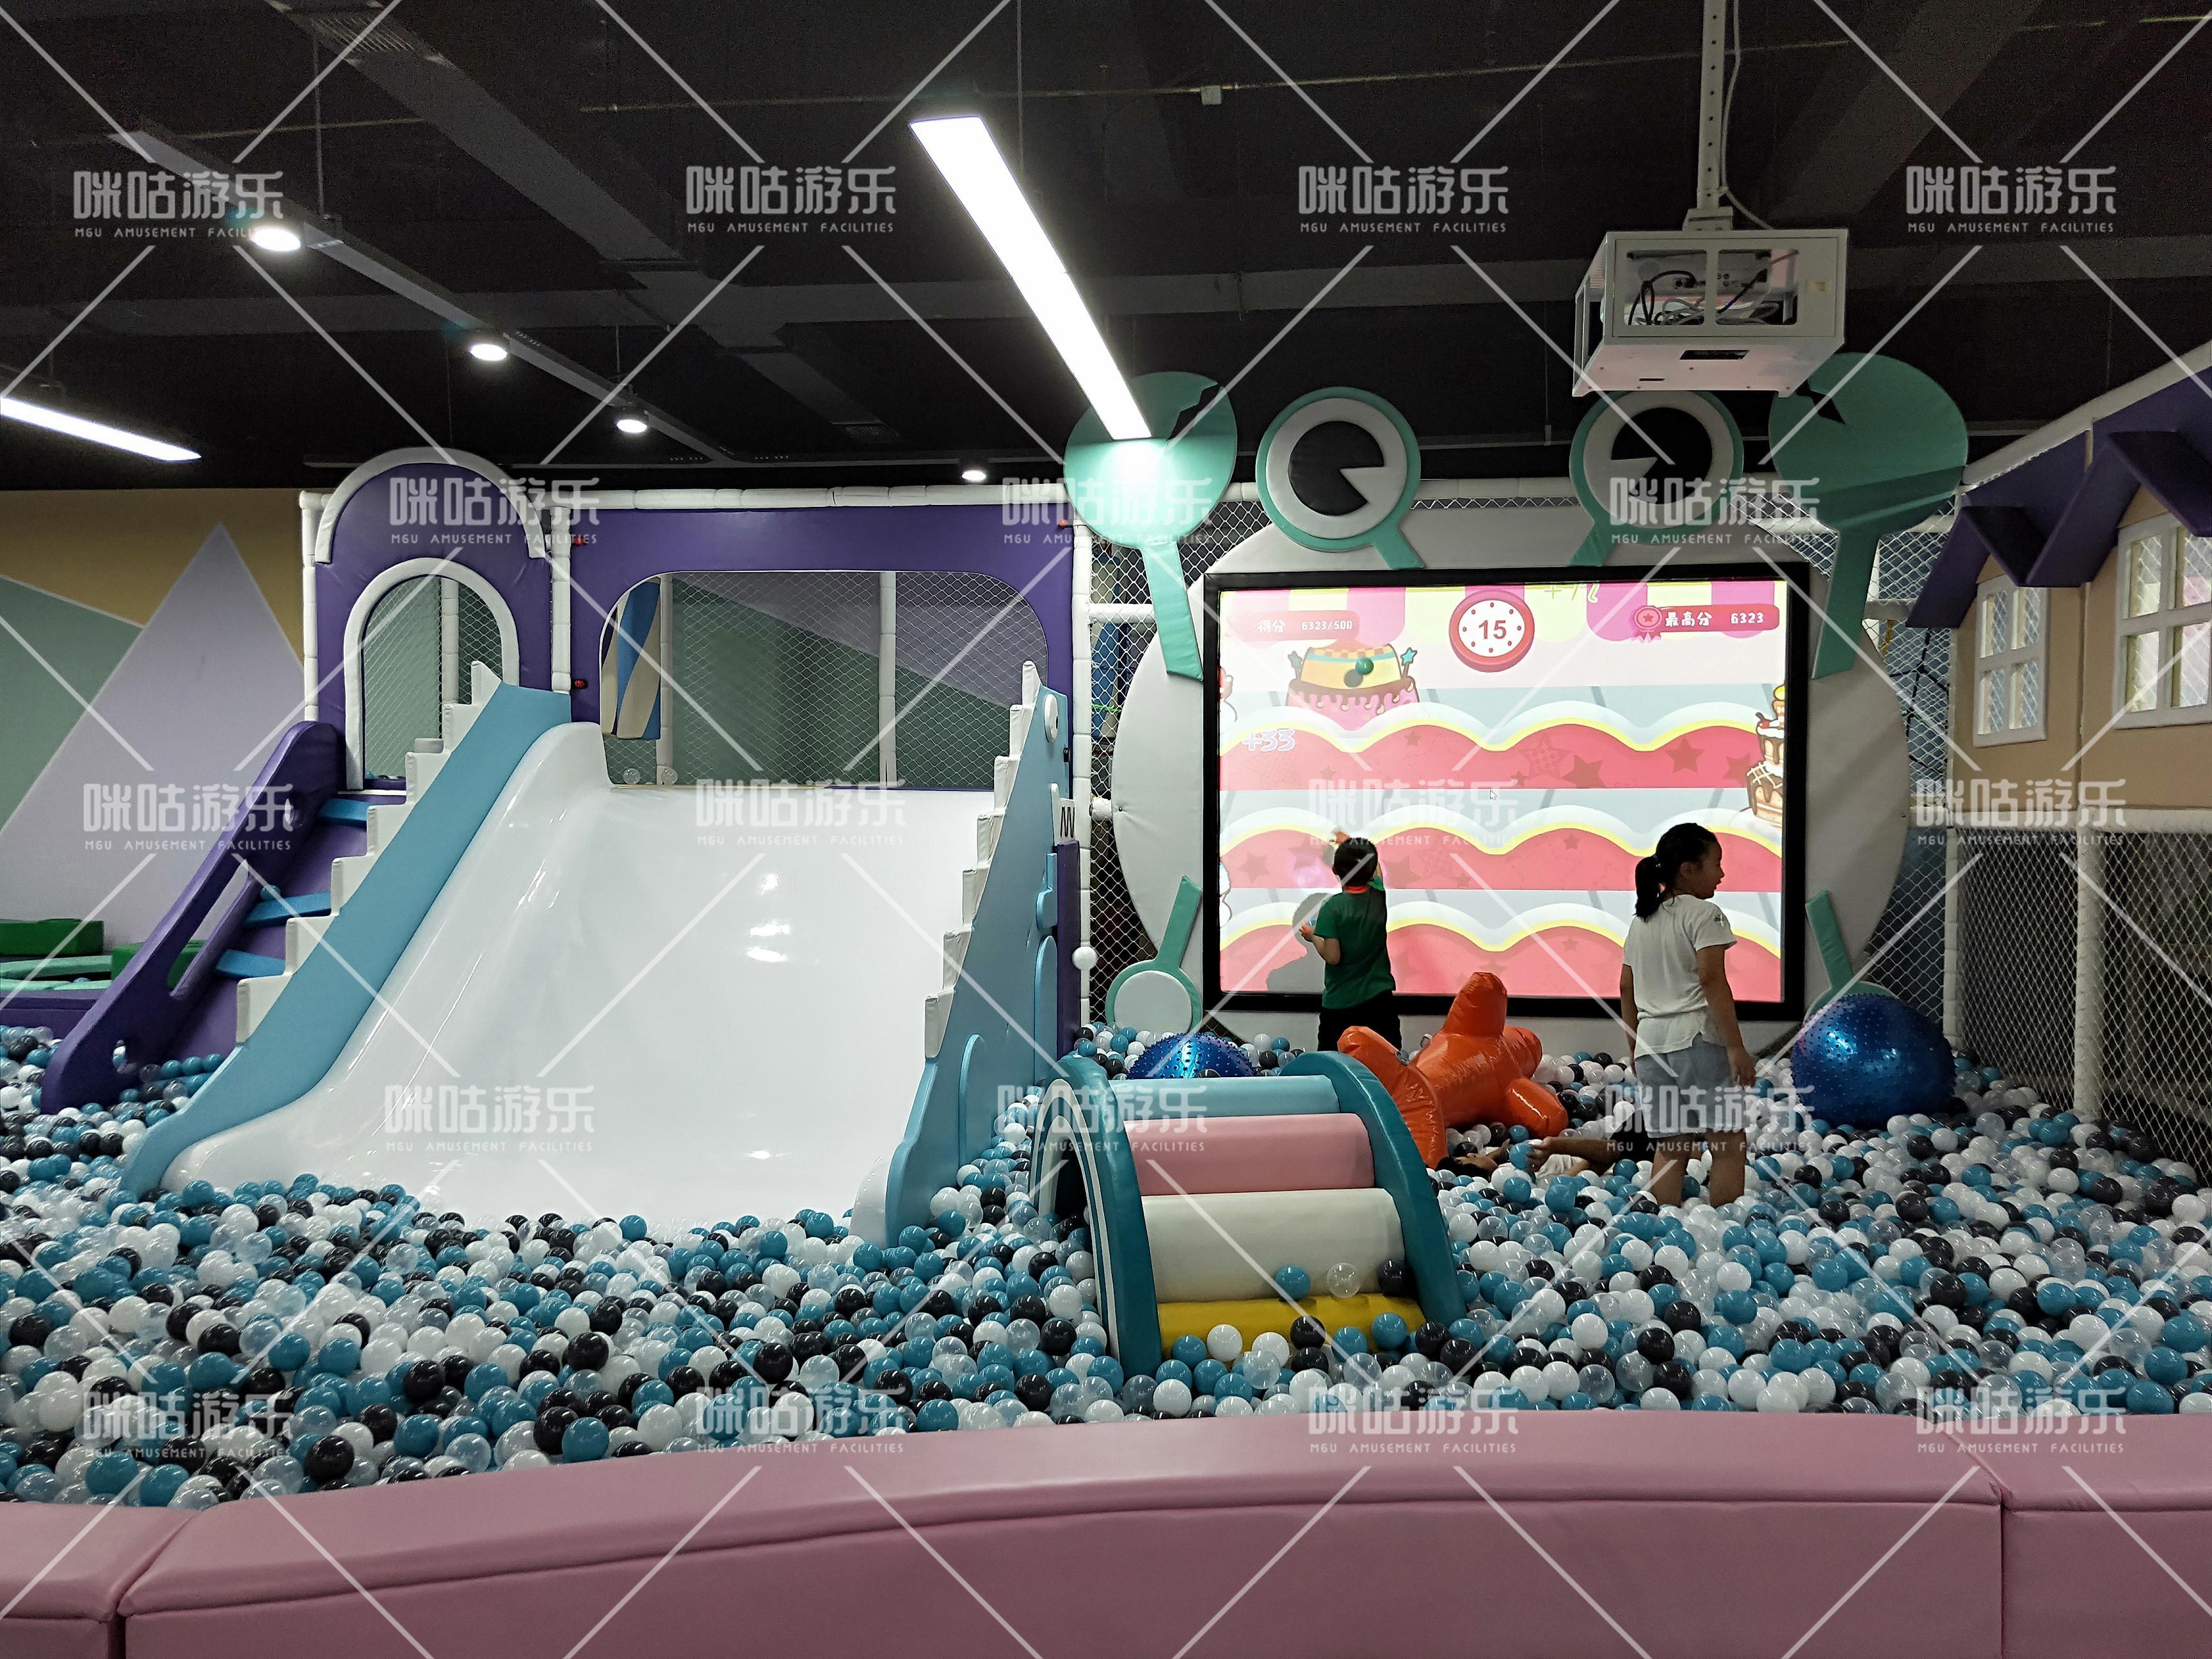 微信图片_20200429155852.jpg 西宁儿童乐园加盟大概多少钱 加盟资讯 游乐设备第1张